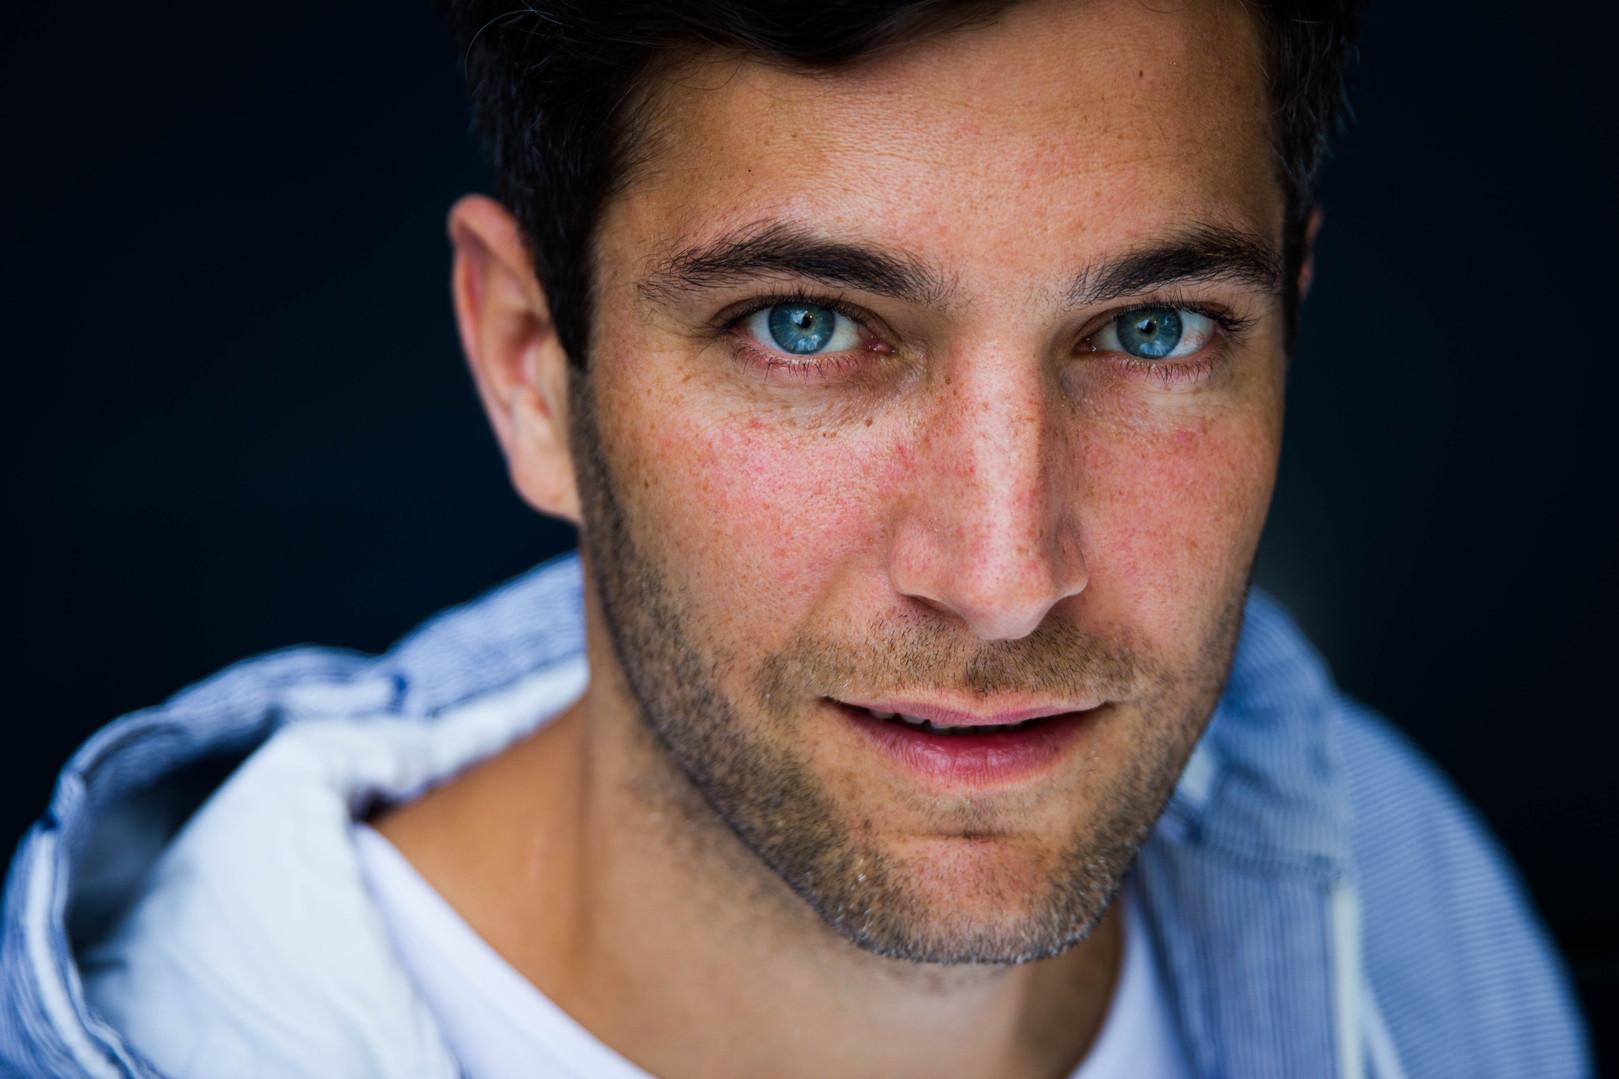 Florian Thunemann